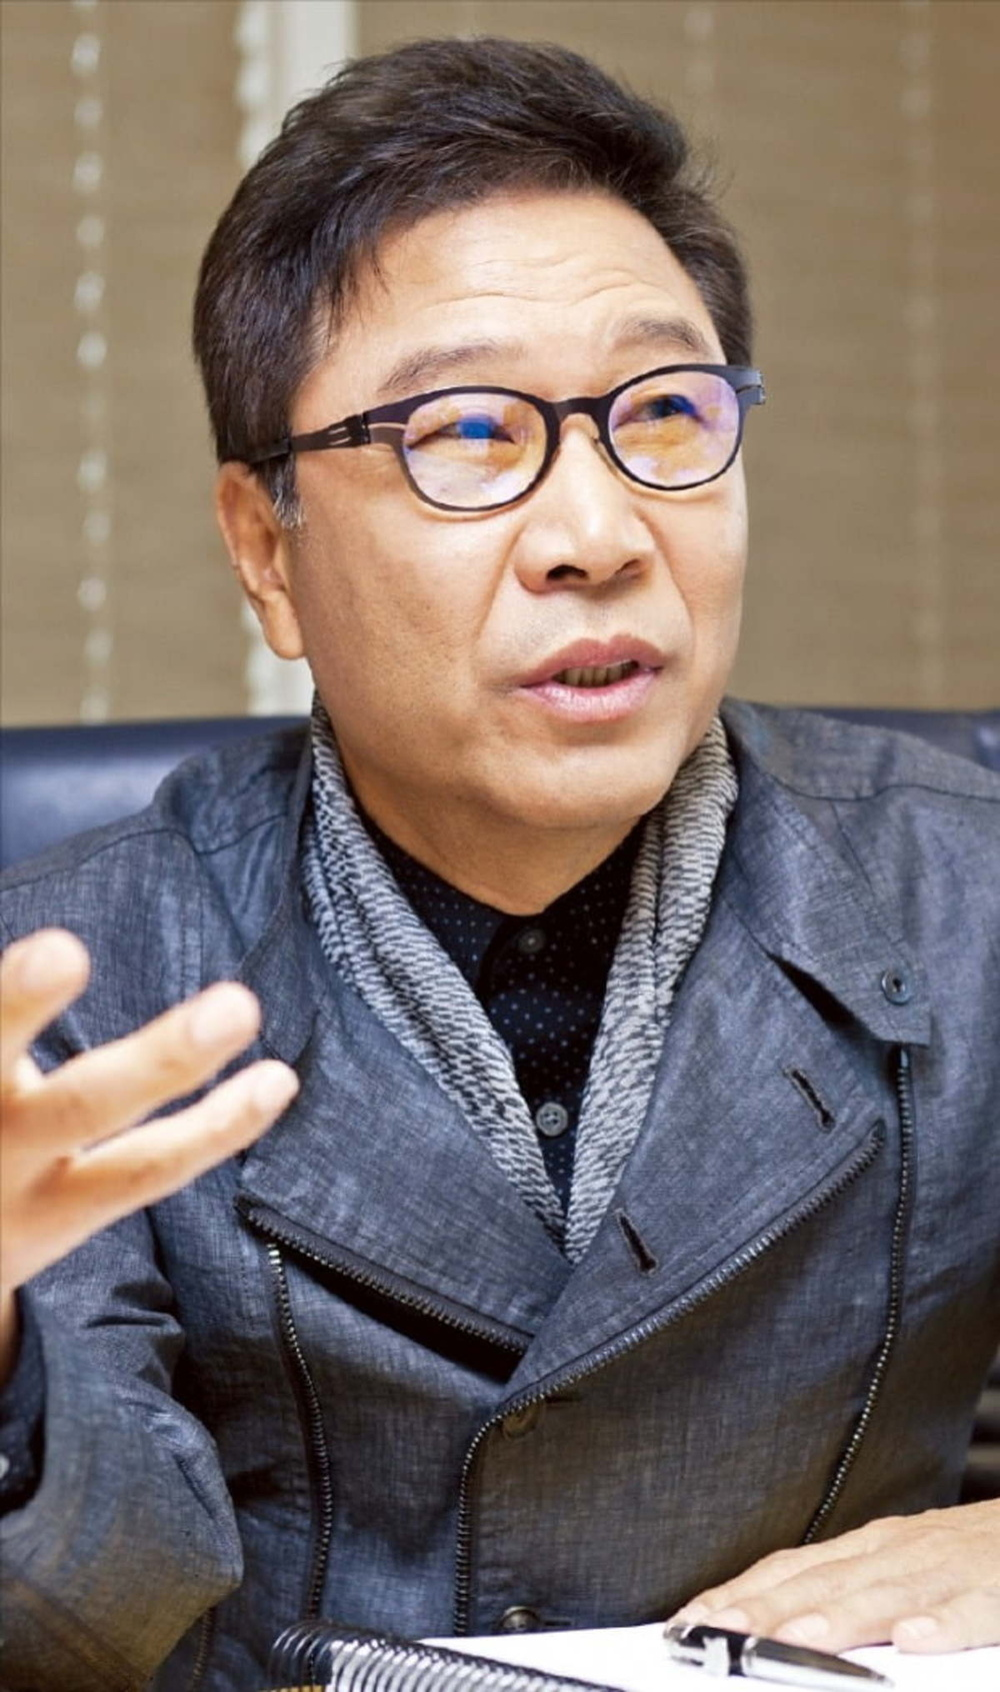 aespa có phải là minh chứng tiếp theo cho 'bàn tay vàng của làng đào tạo idol' từ 'ông trùm' Lee Soo Man? Ảnh 6